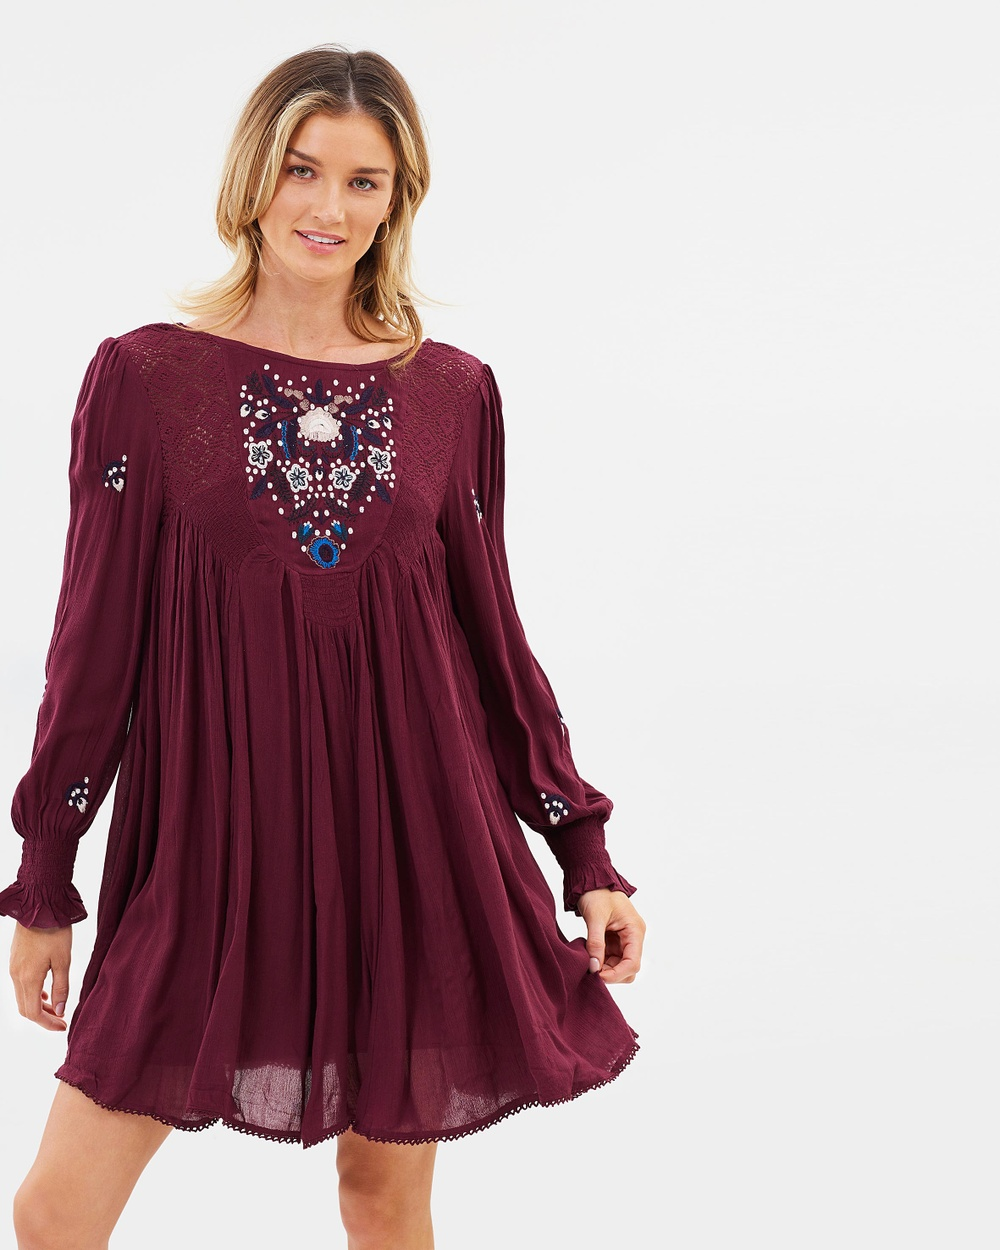 Free People Mohave Mini Dress Dresses Plum Mohave Mini Dress